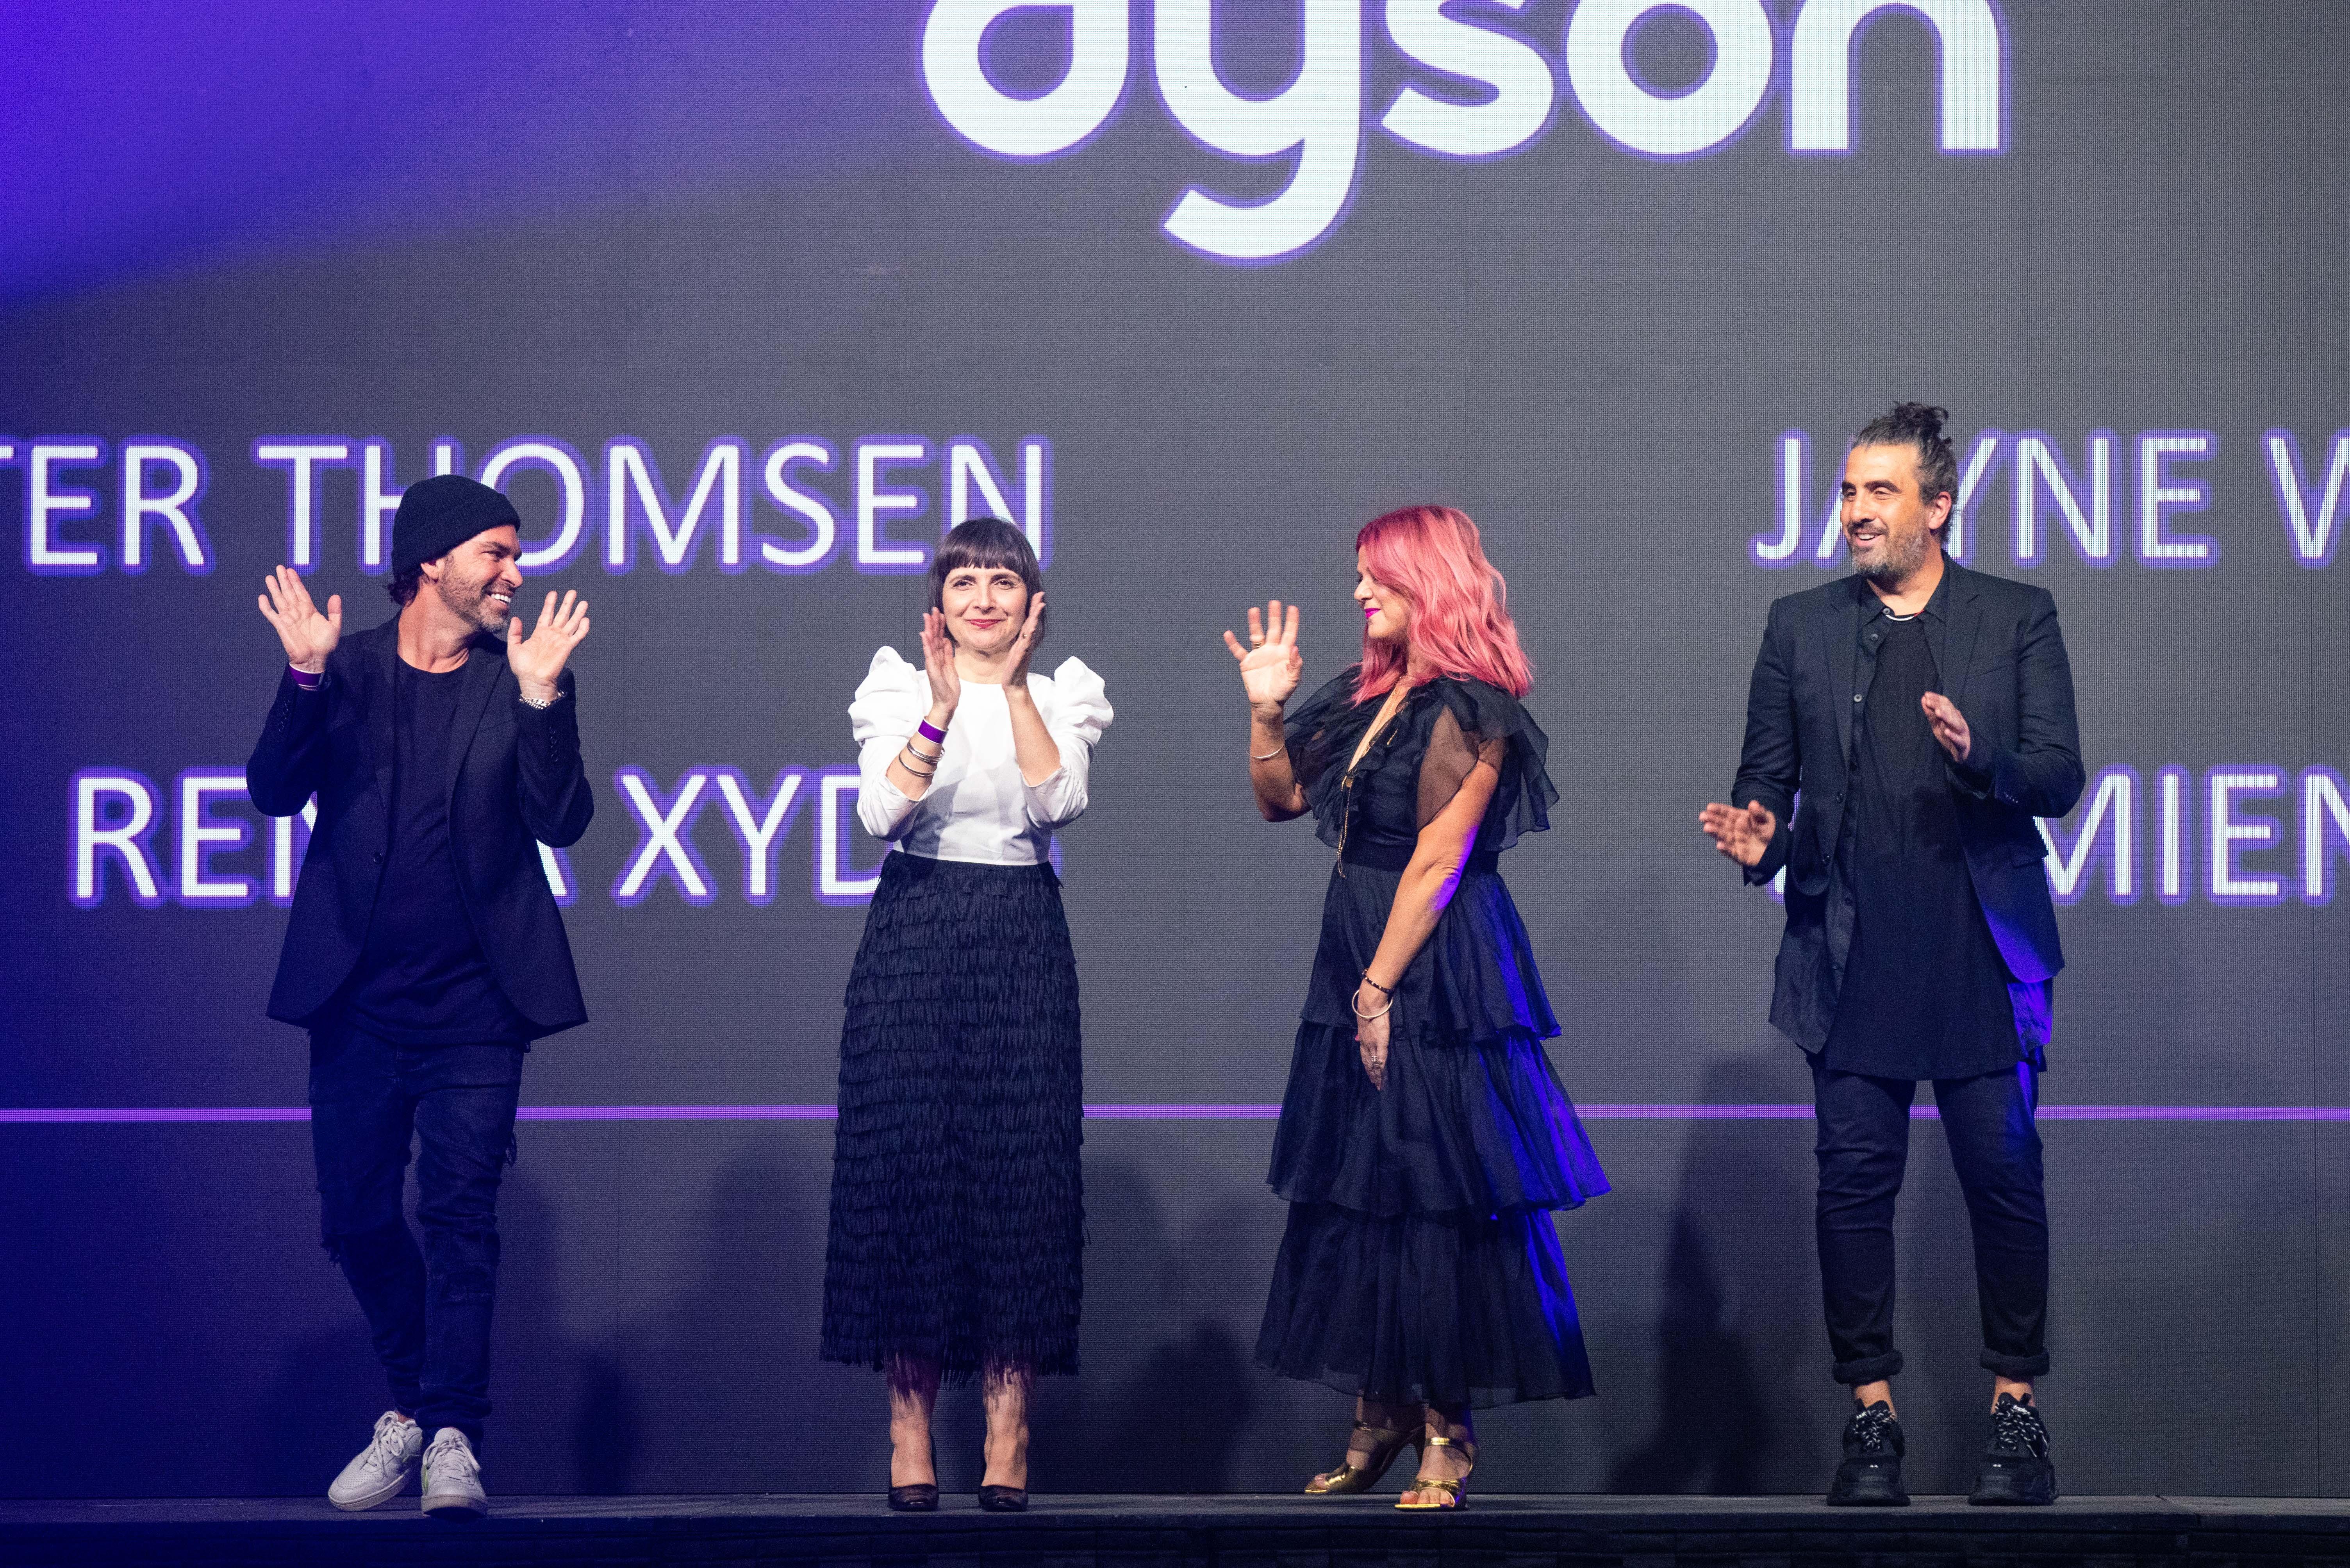 Australian Hair Fashion Awards 2020